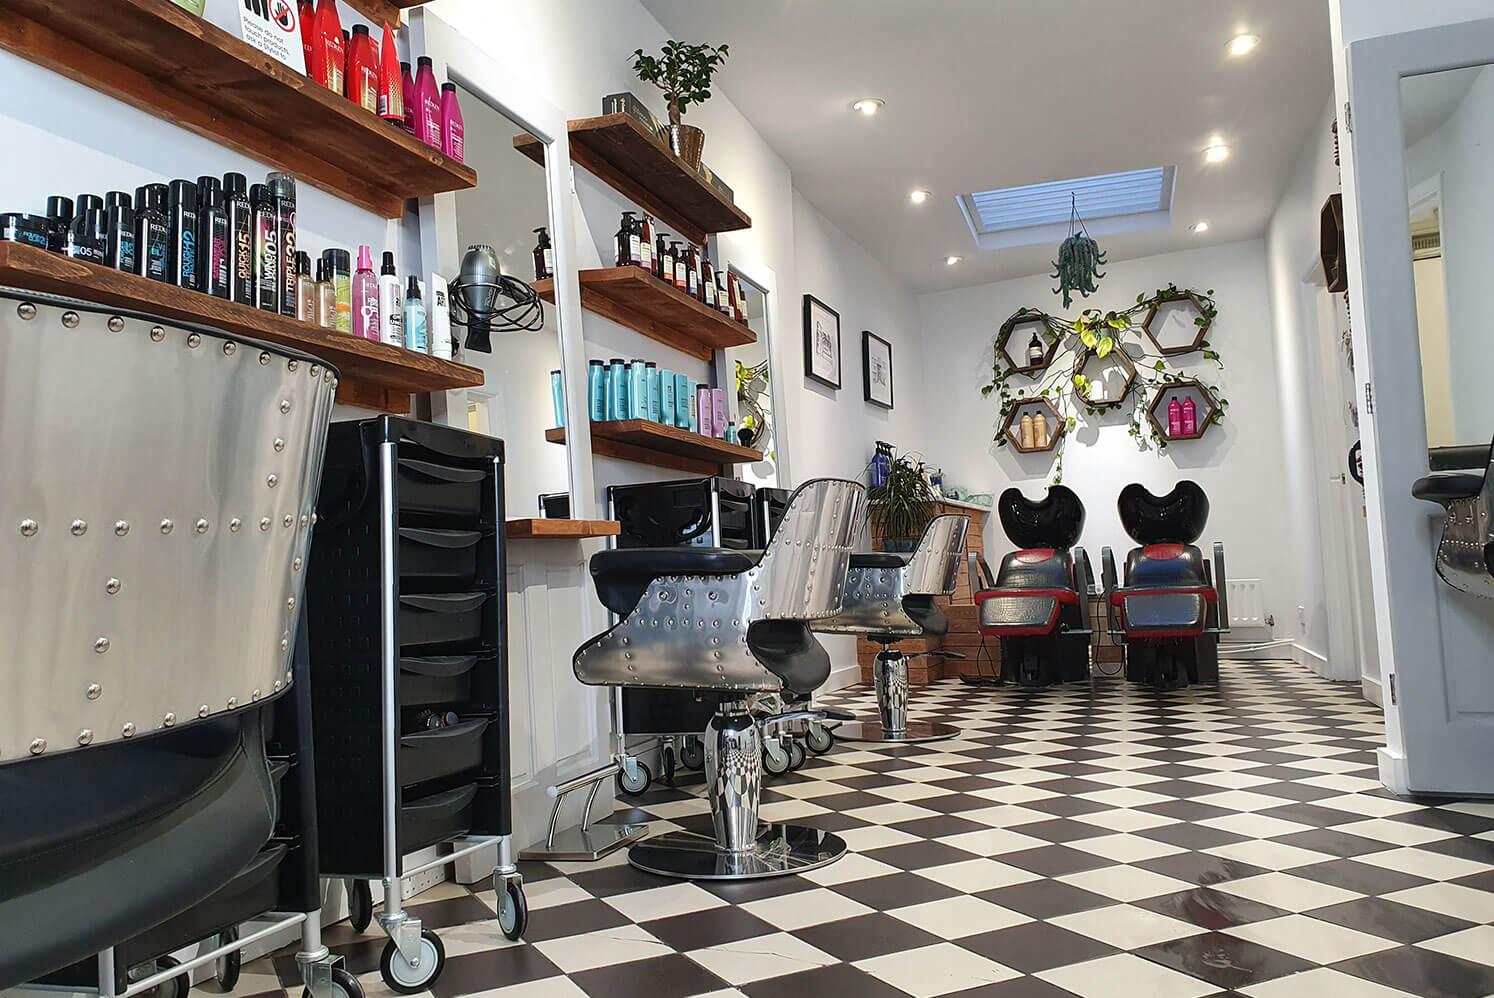 Heads High hairdresser in Brixton